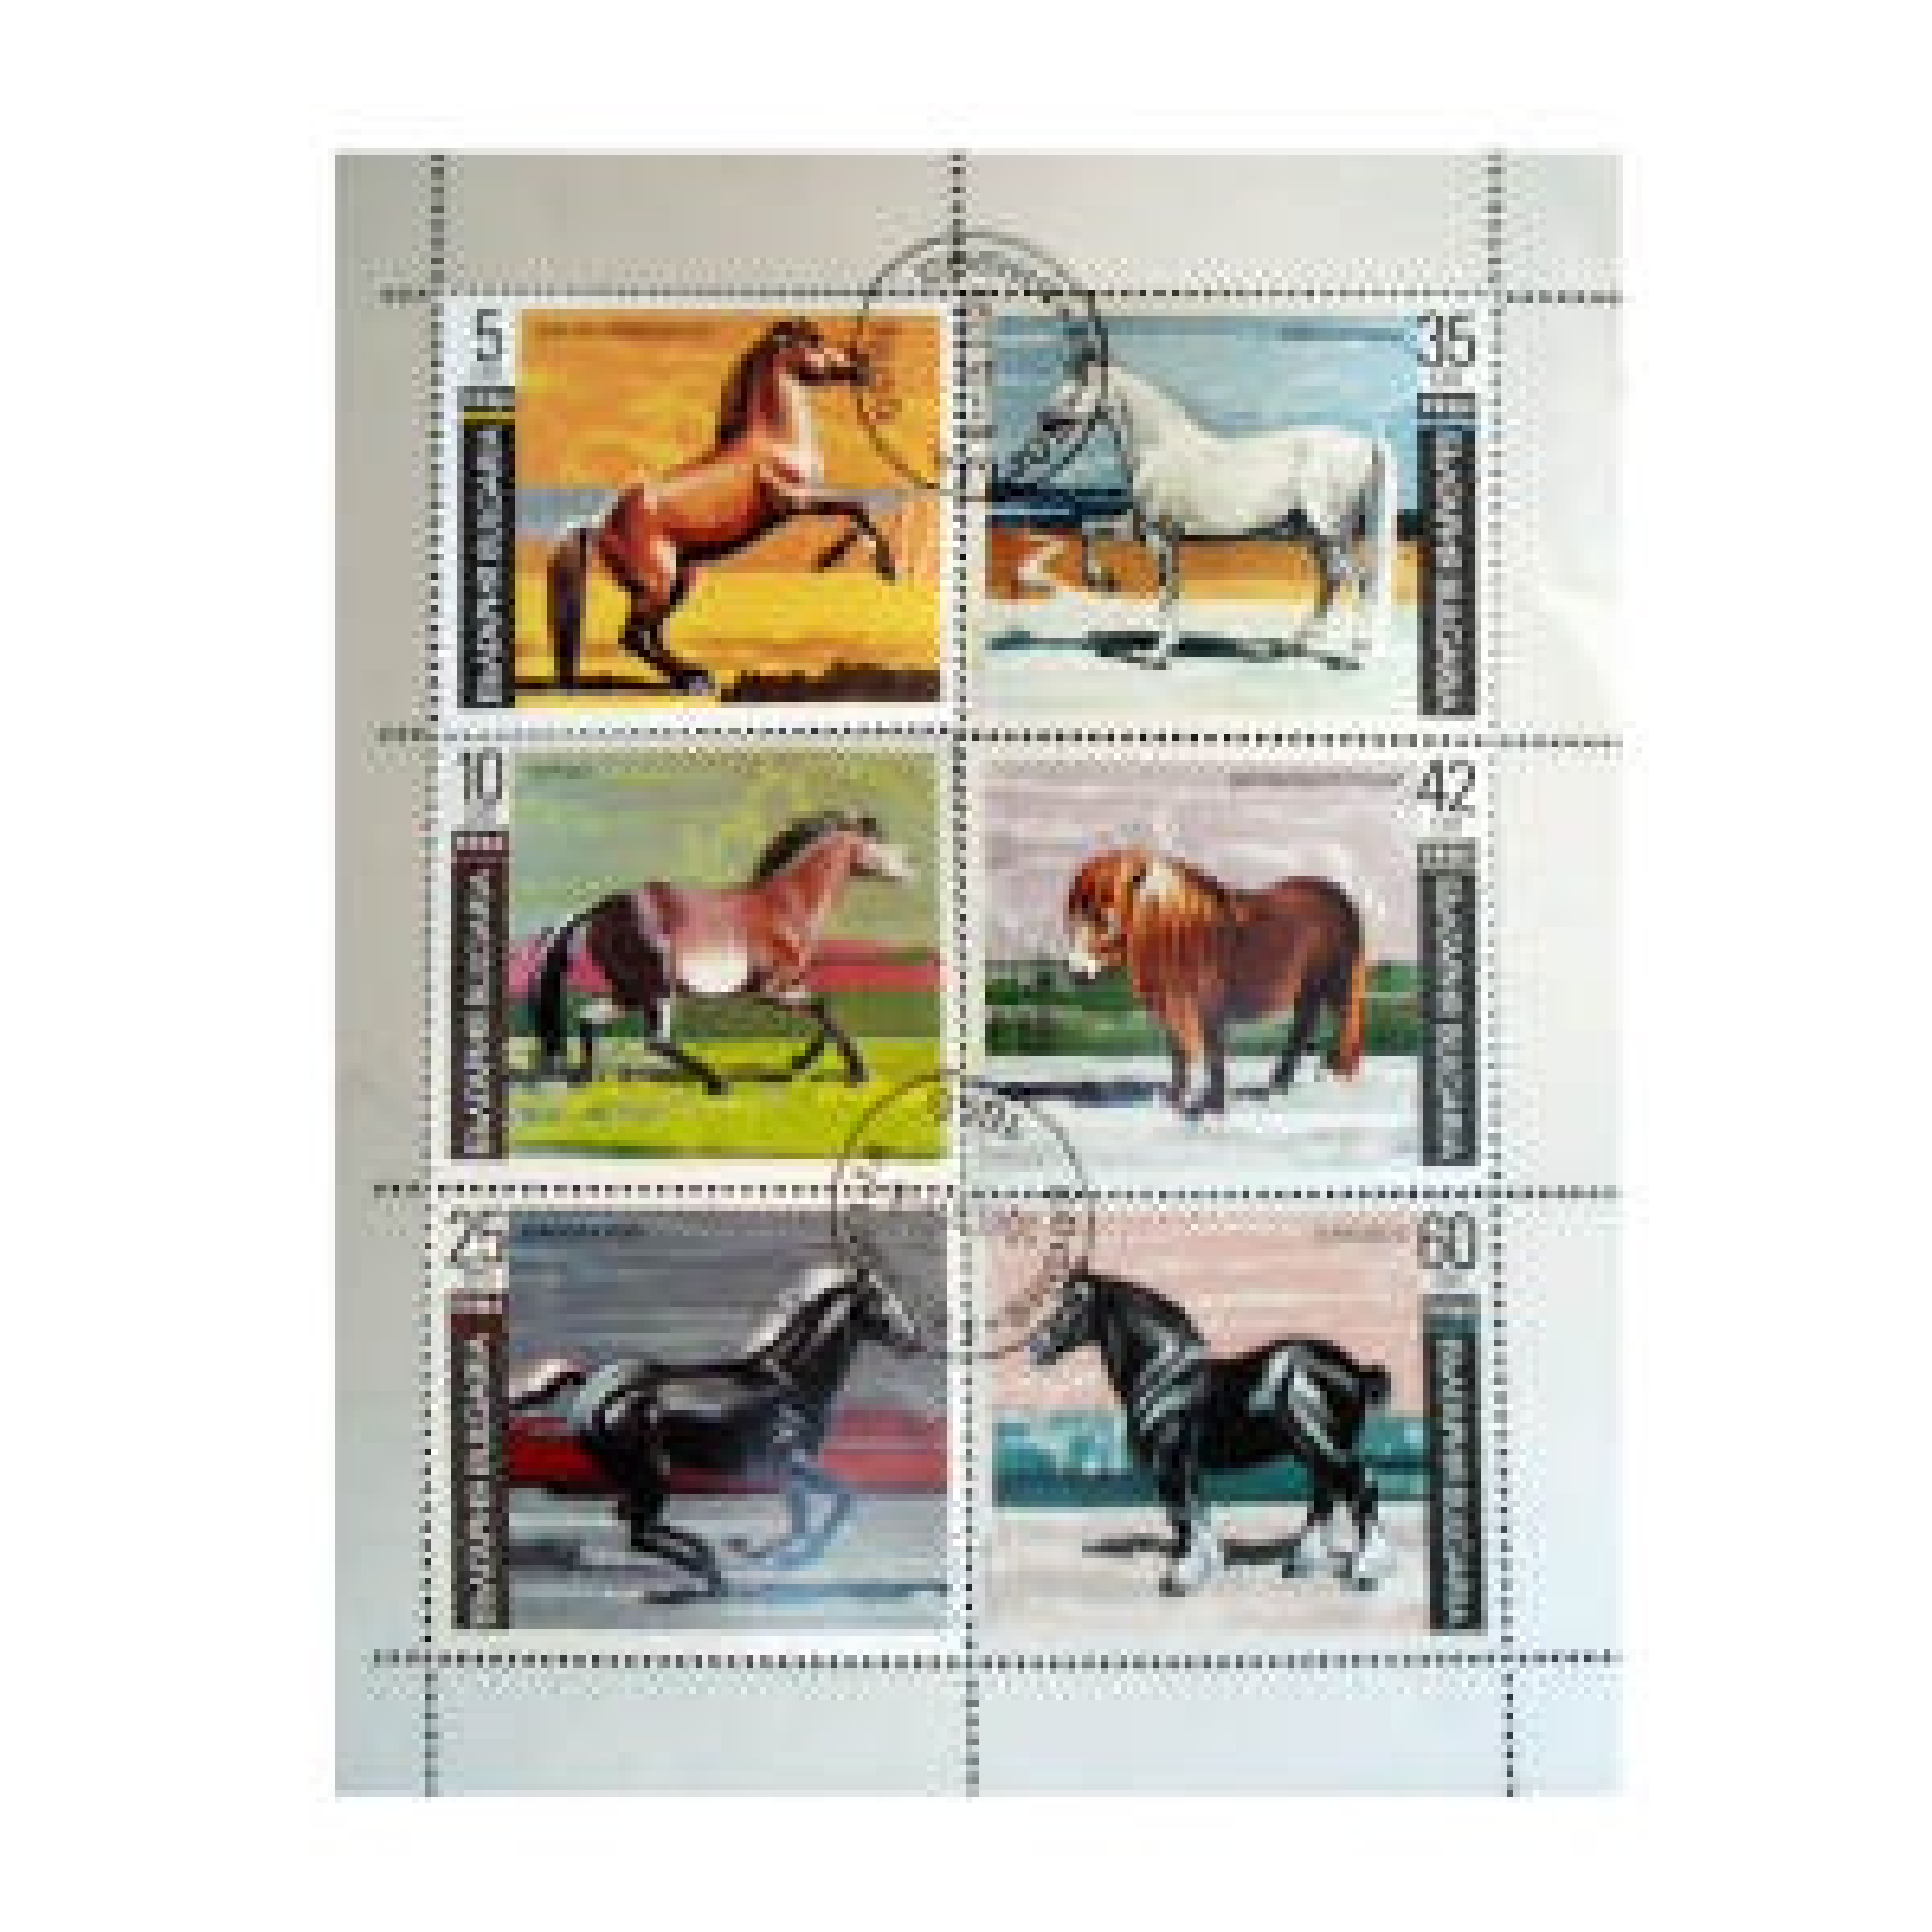 تمبر یادگاری طرح حیوانات مدل اسب کد h-151 مجموعه 6 عددی